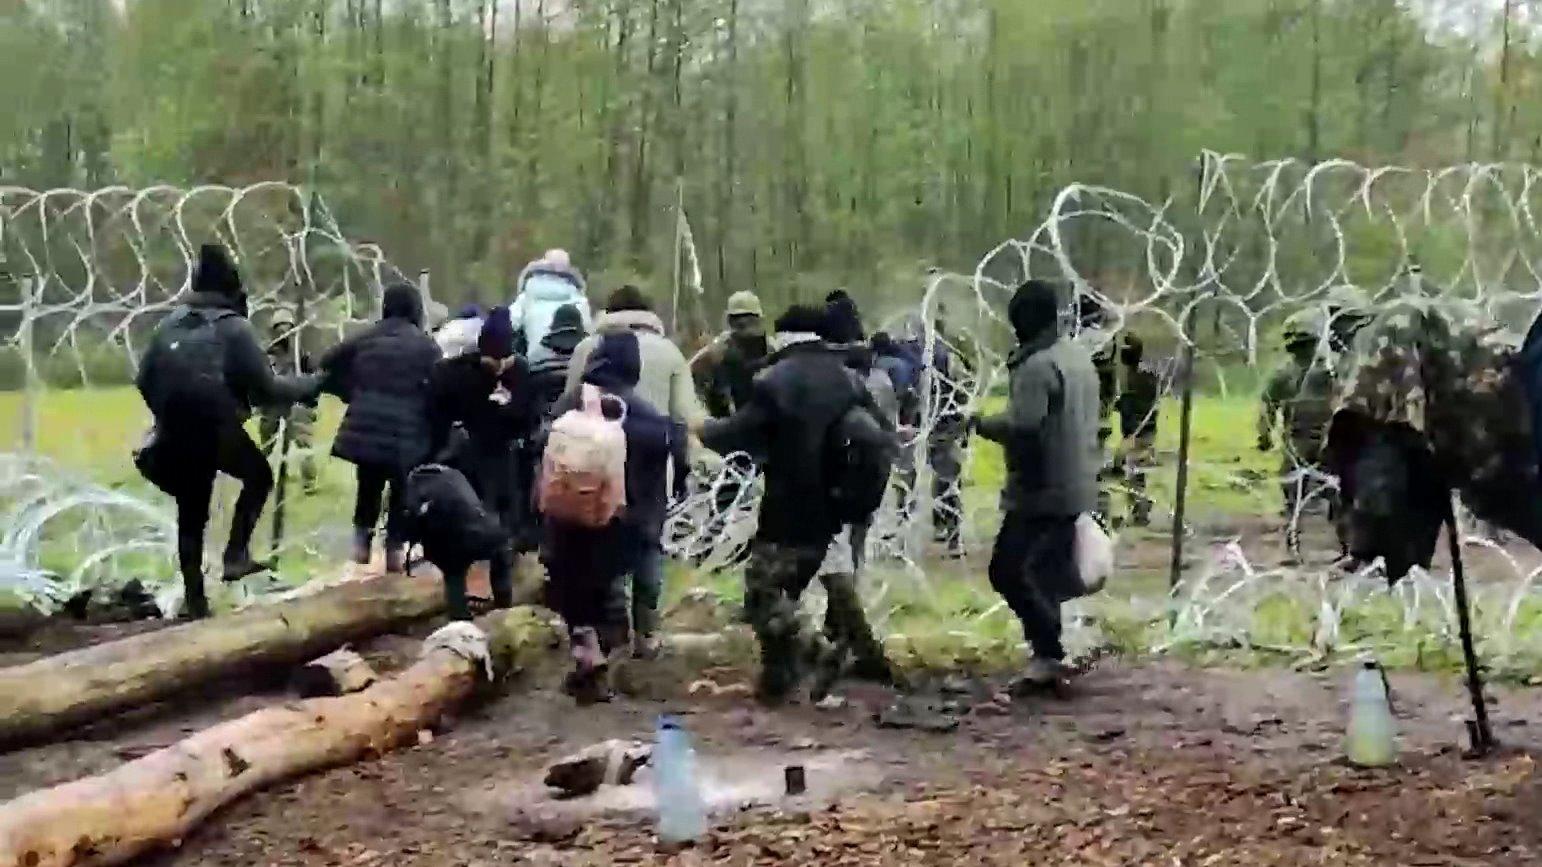 eine-an-der-polnisch-belarussischen-grenze-festsitzende-gruppe-von-migranten-versucht-die-grenzbarriere-zu-durchbrechen